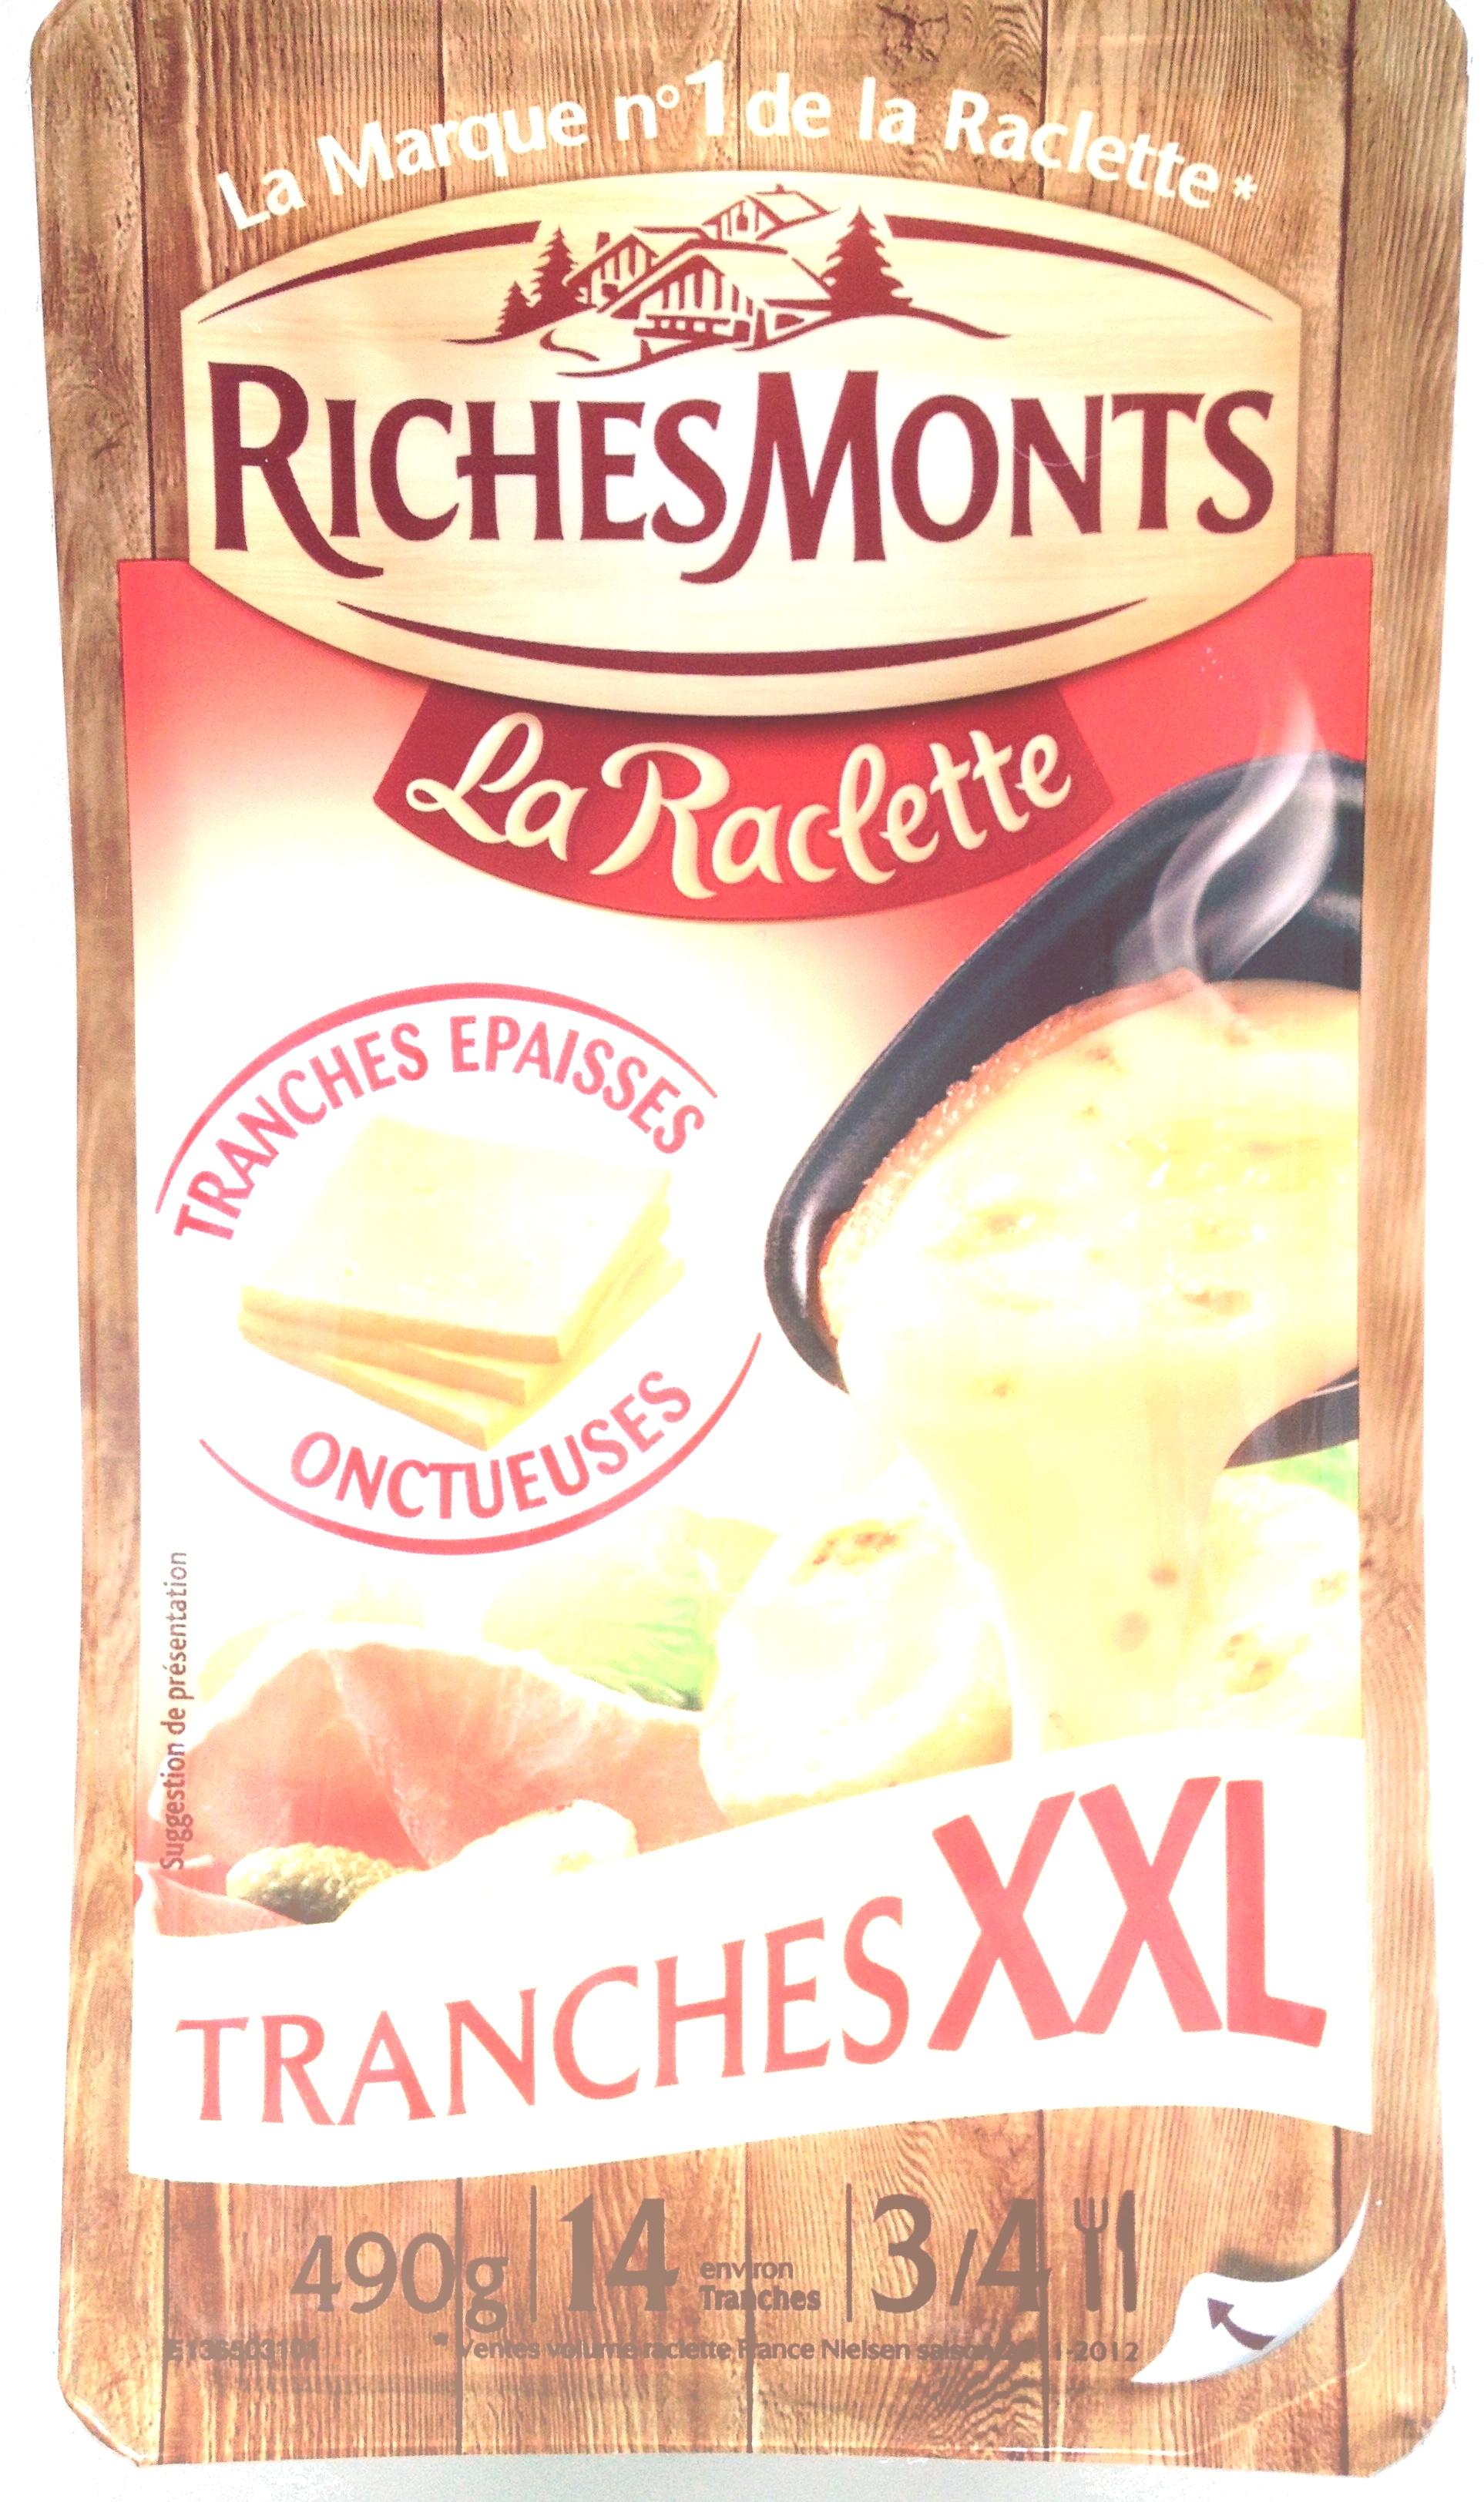 La Raclette (26% MG) Tranches XXL - Produit - fr